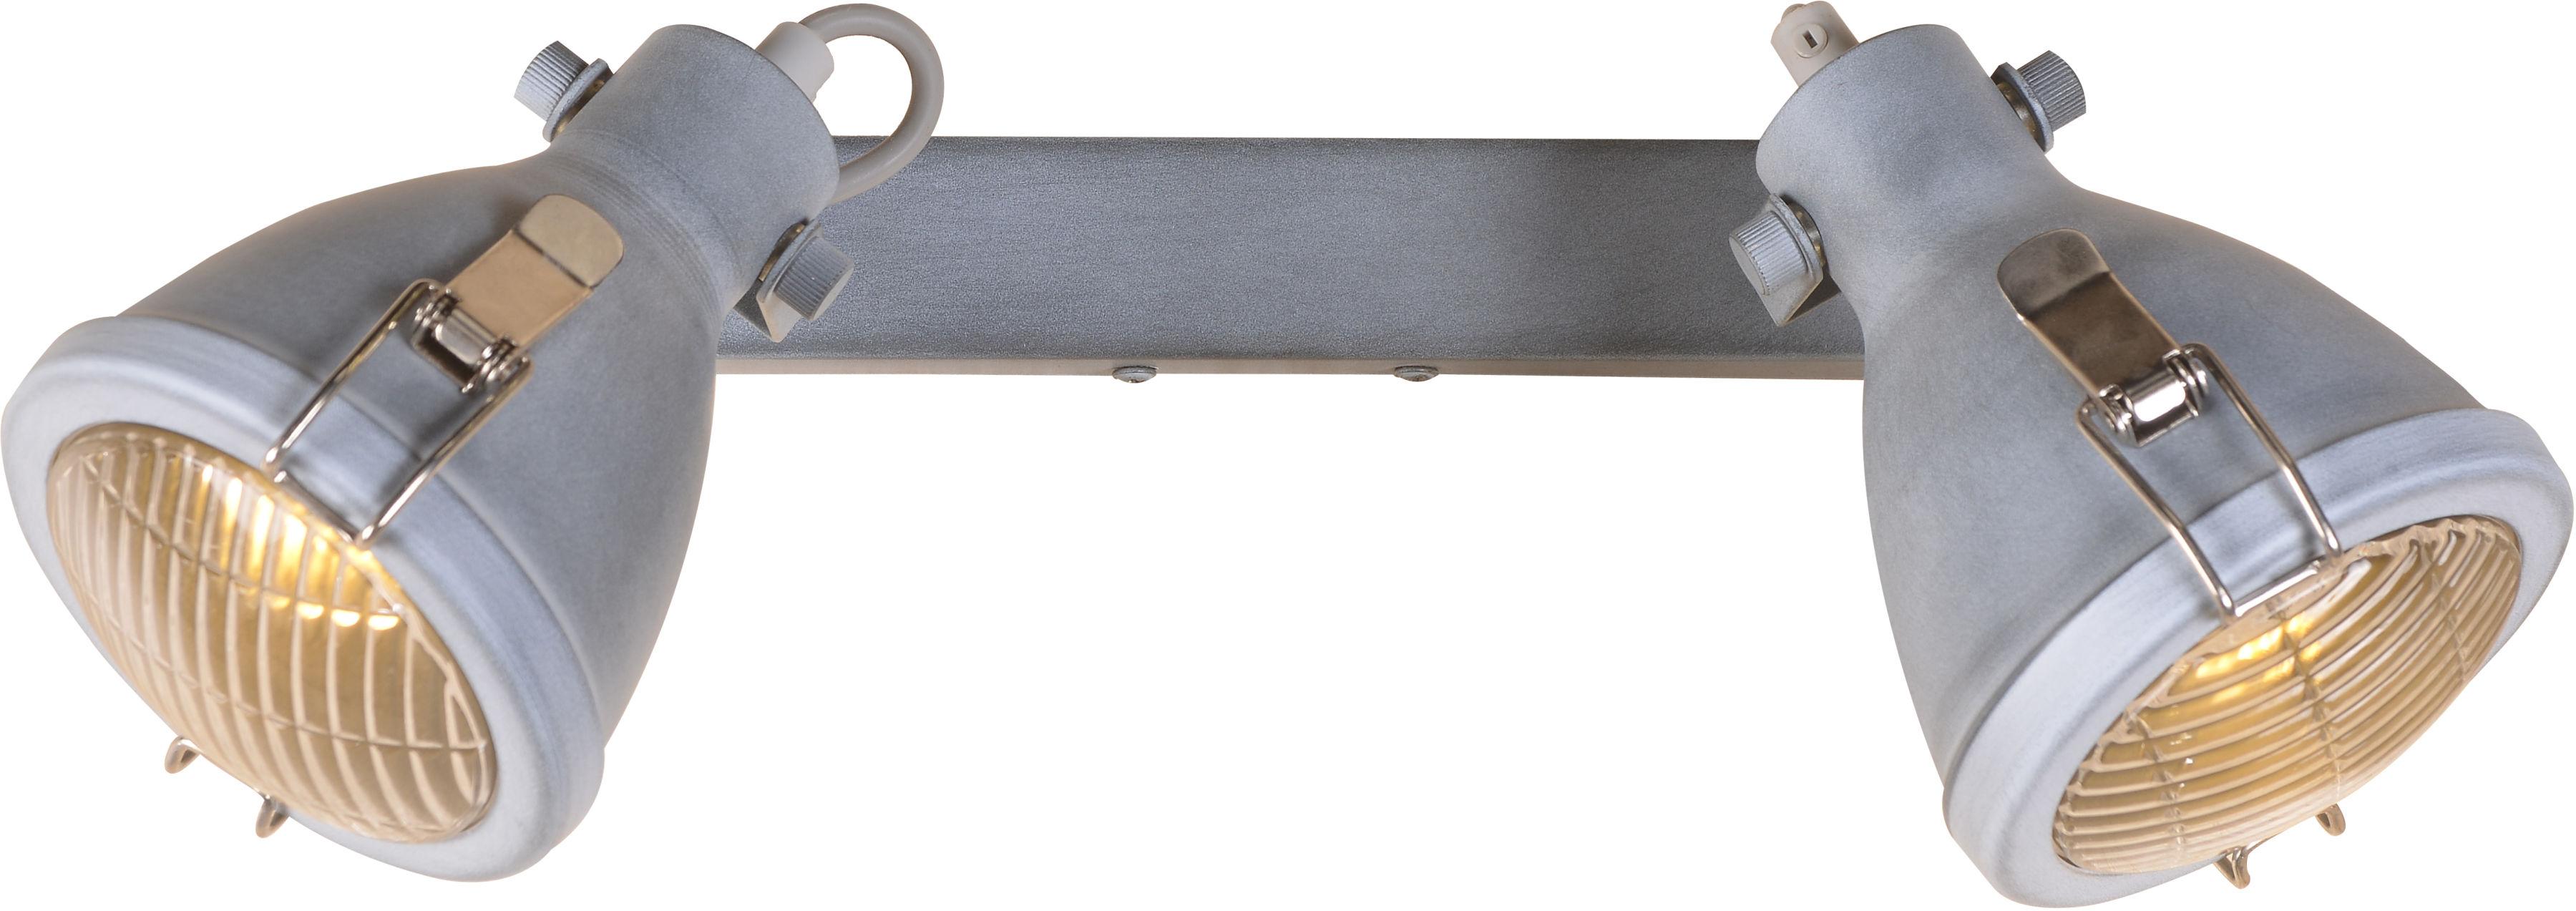 Candellux CRODO 92-71118 oprawa oświetleniowa szara regulacja klosza 2X40W E14 45cm